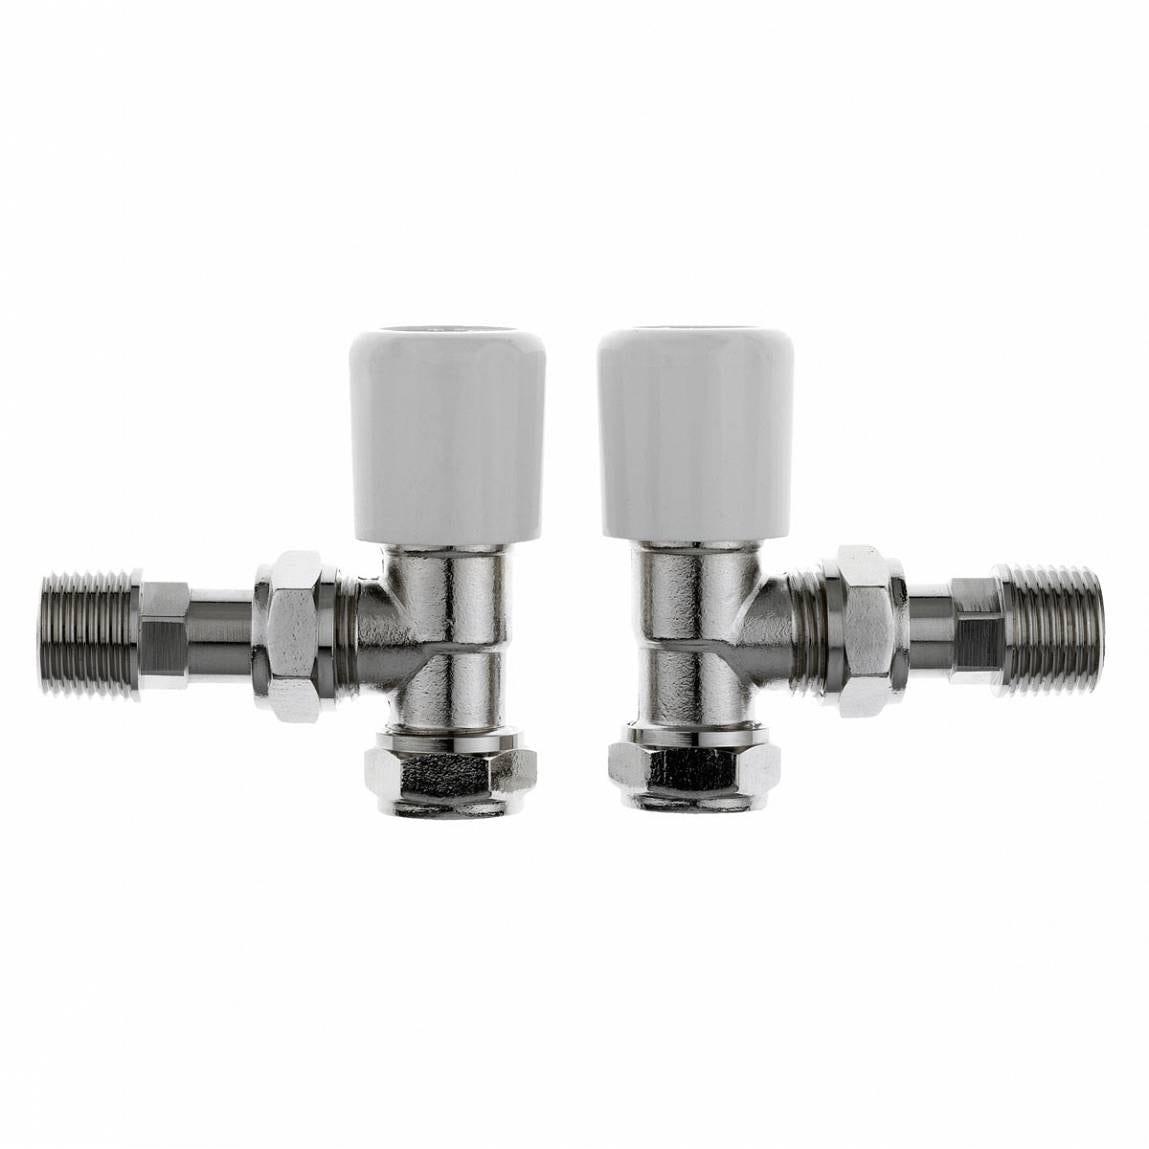 Clarity angled radiator valves